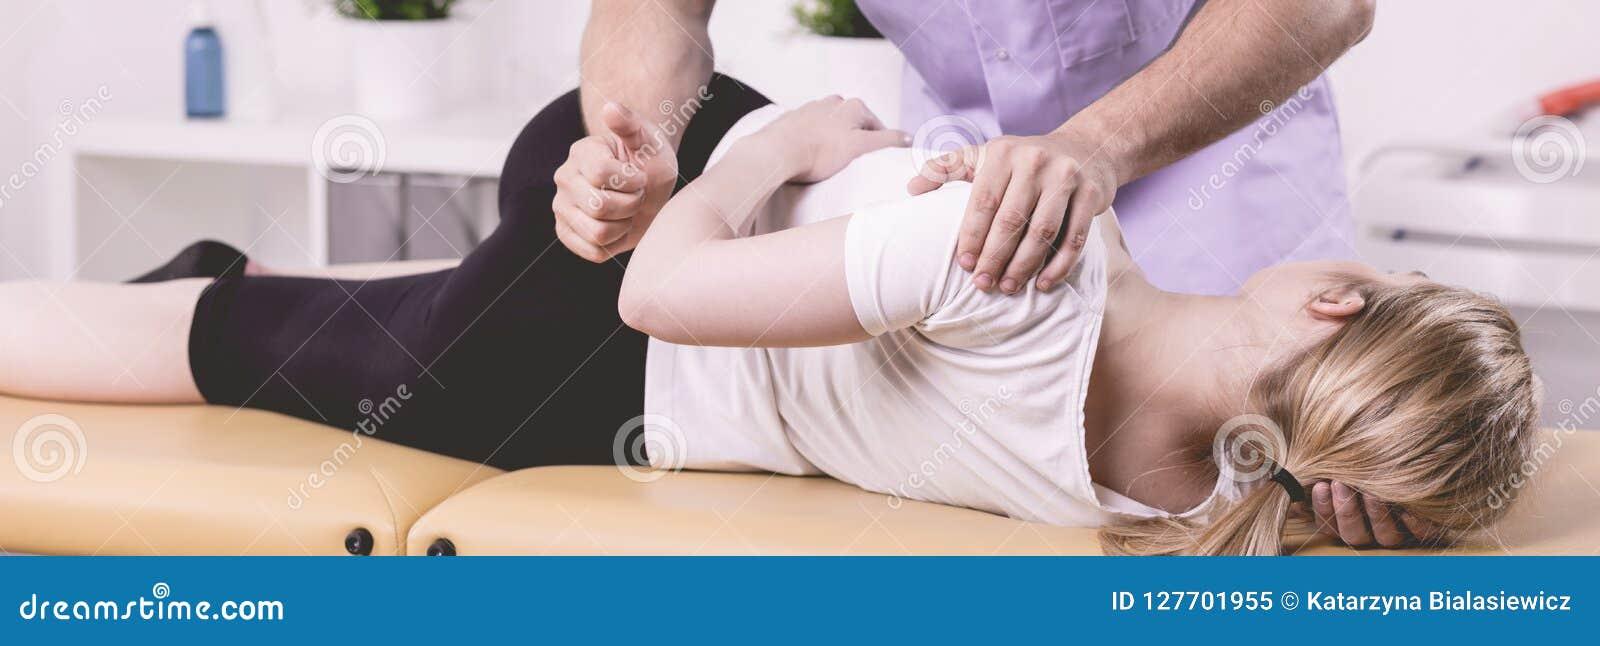 Patient et physiothérapeute pendant la réadaptation dans l hôpital